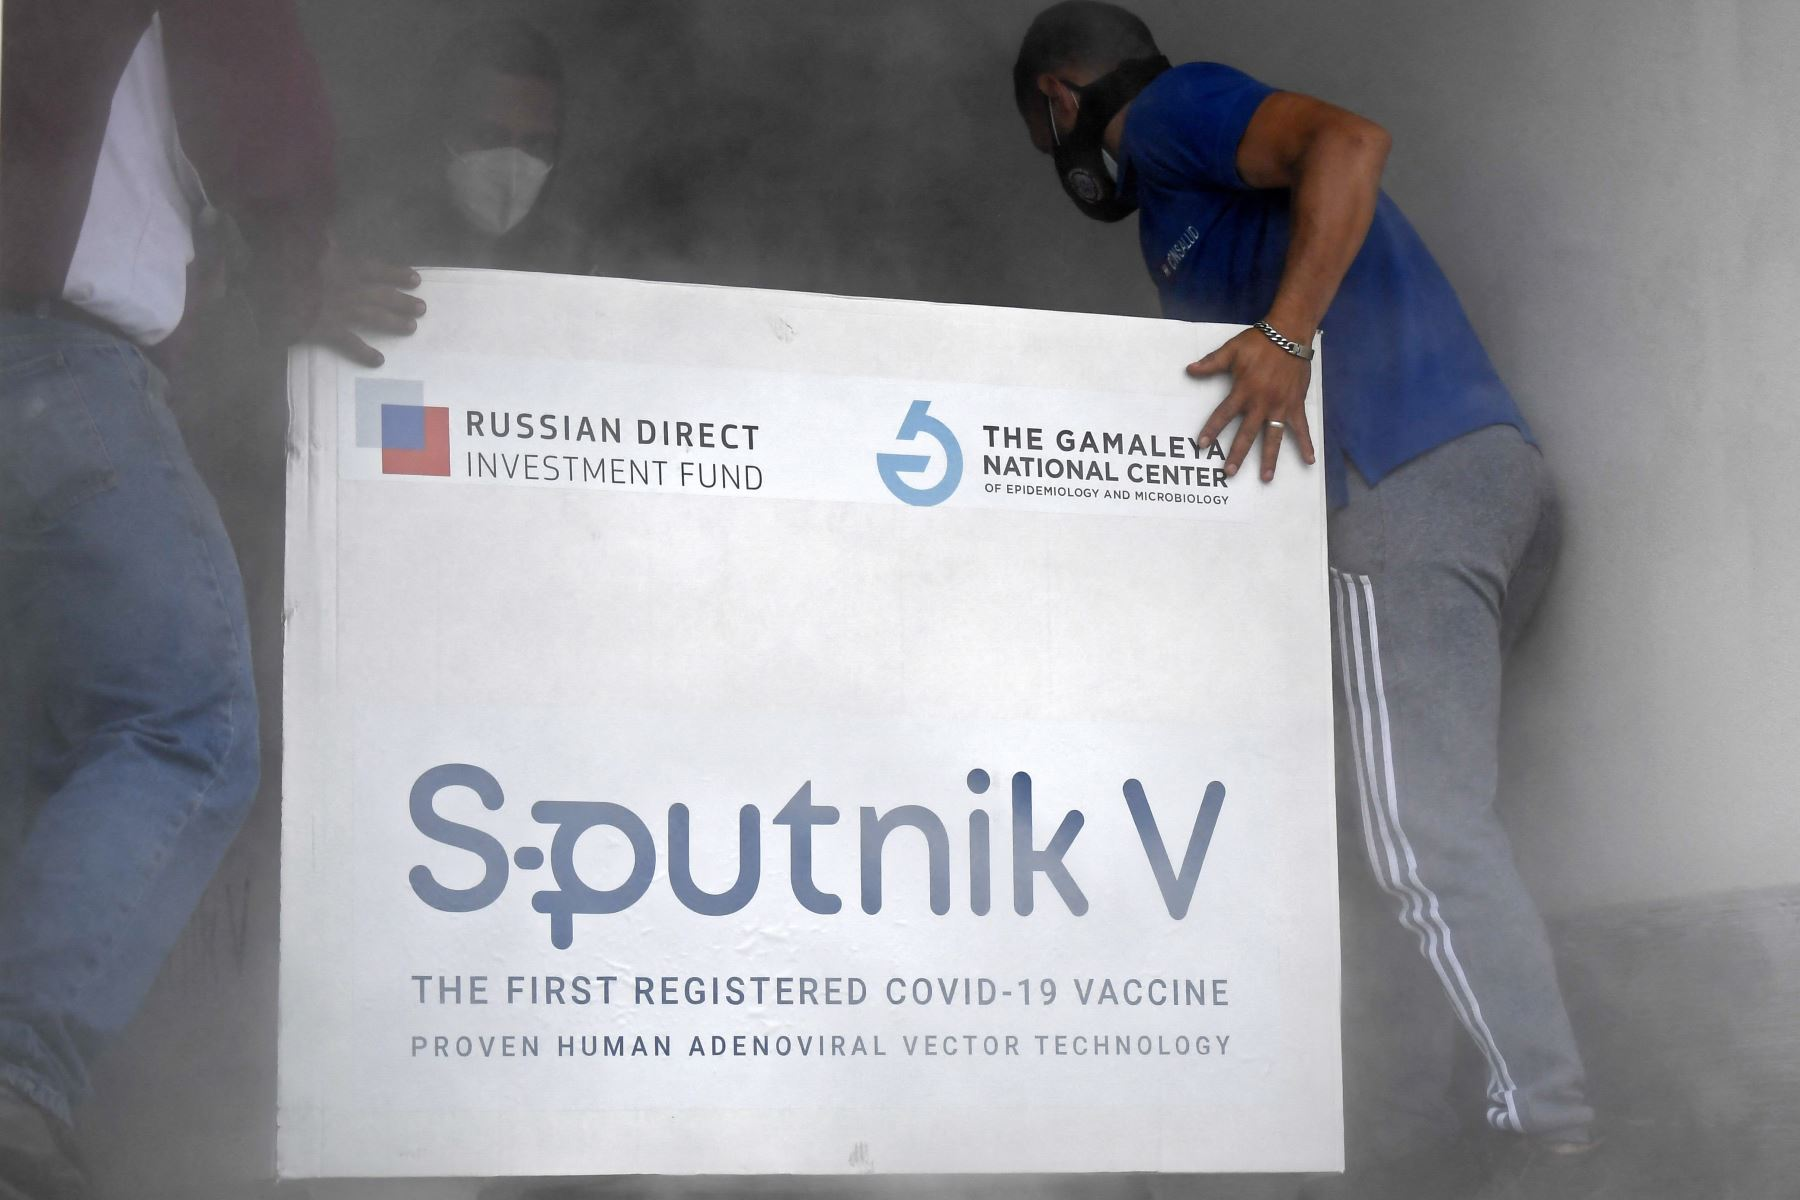 La fabricación del preparado en el exterior se puede utilizar tanto para vacunar a los habitantes de otros países como a los propios rusos. Foto: AFP